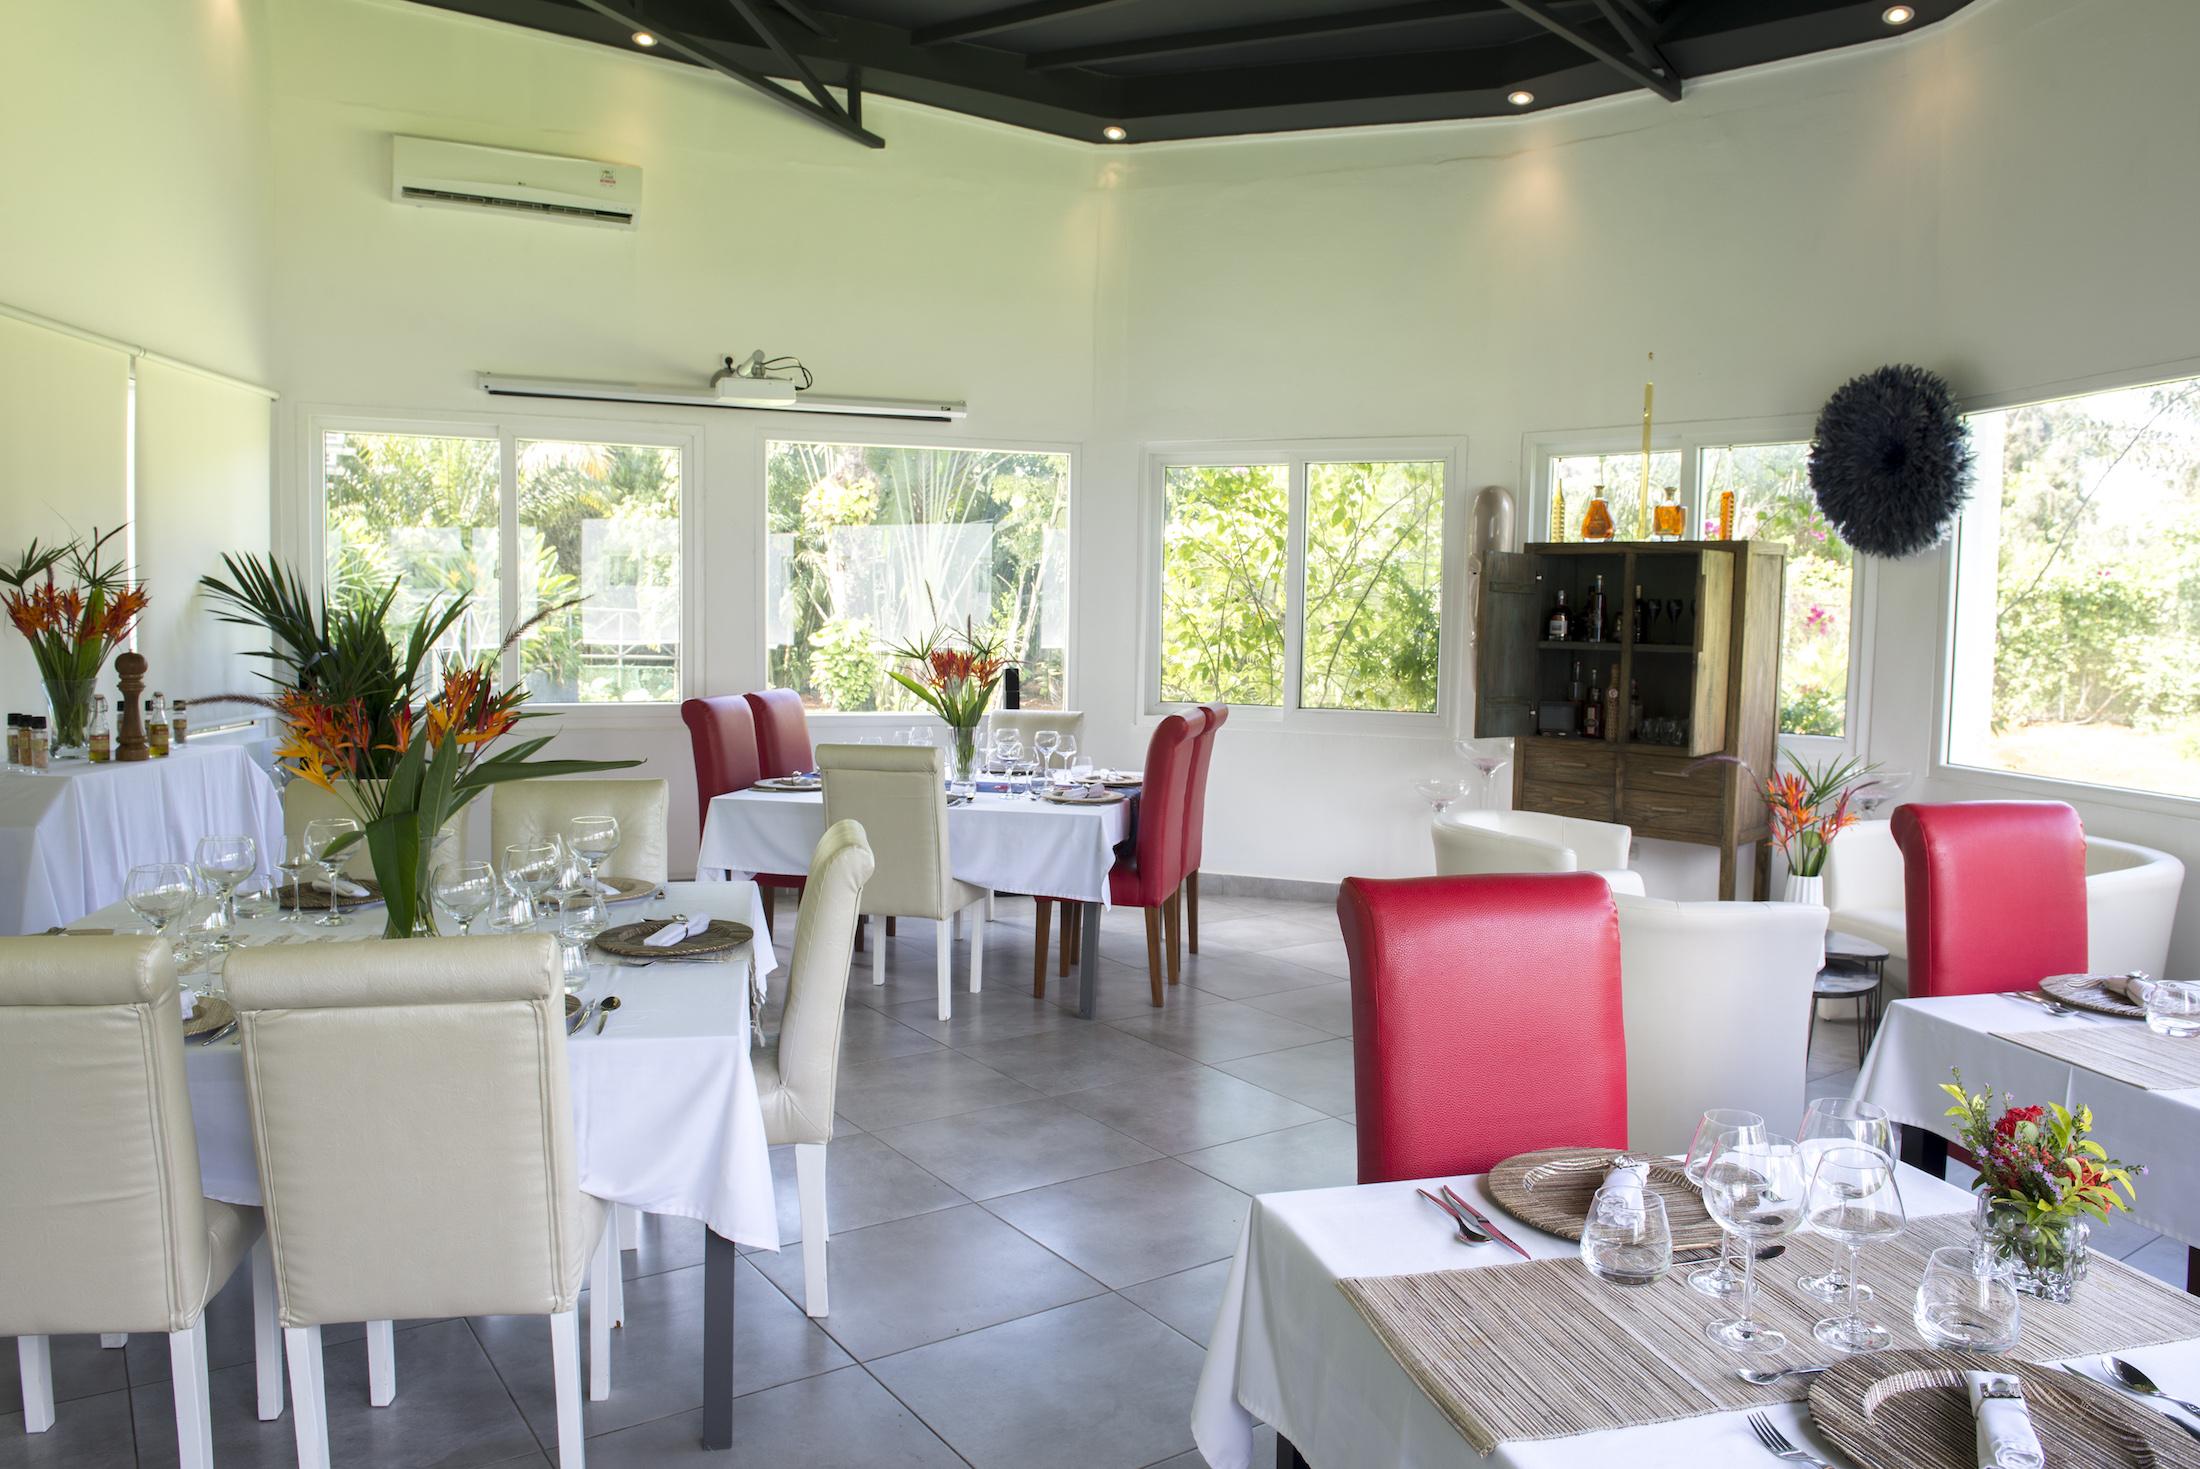 Salle VIP Eden Restaurant Hotel du Parc Port-Gentil Gabon-001